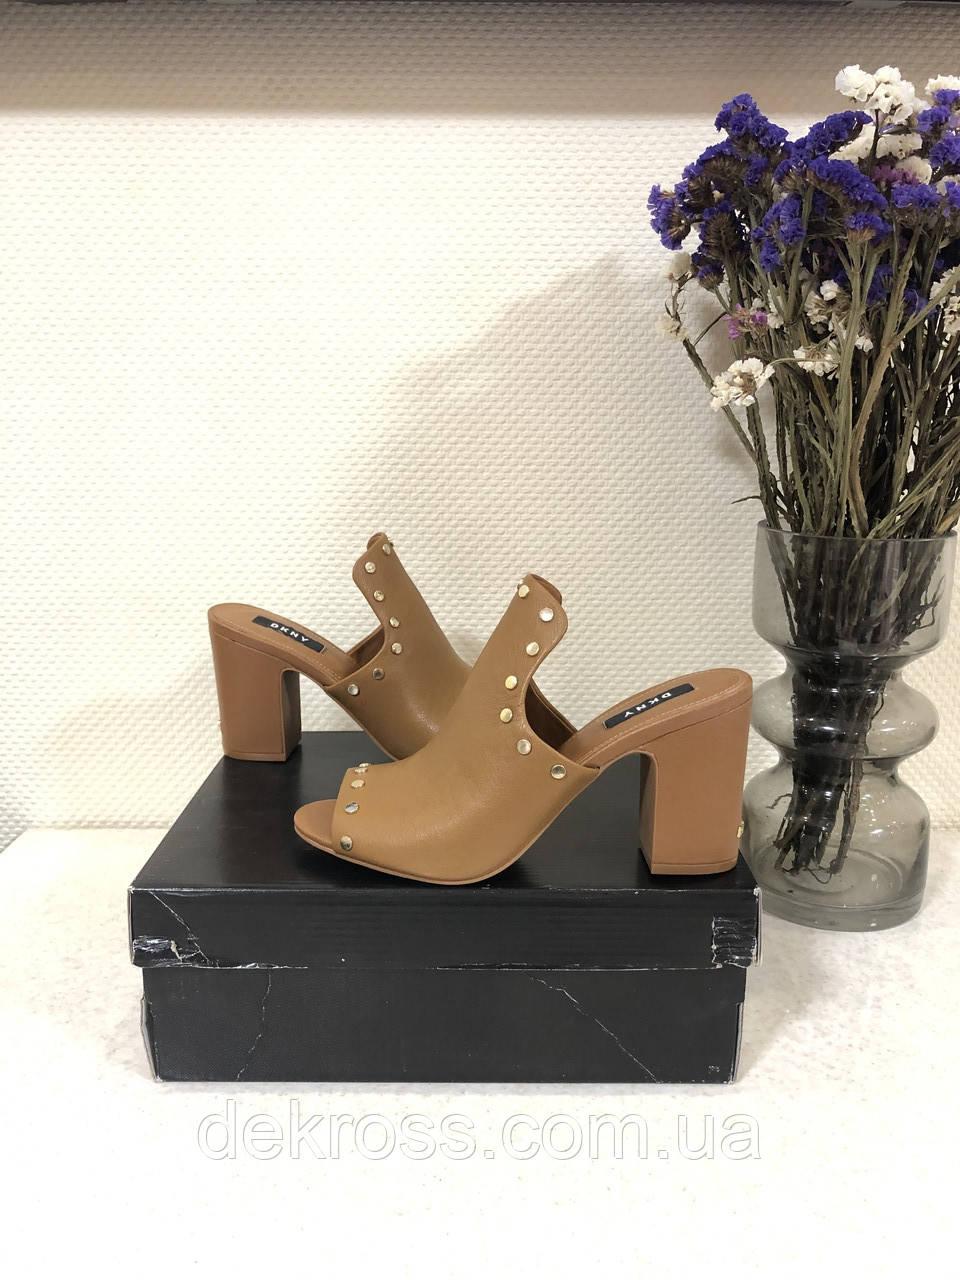 Мюли/ туфлі на підборах/ шльопанці /сланці жіночі DKNY hes mule w / studs 8 38